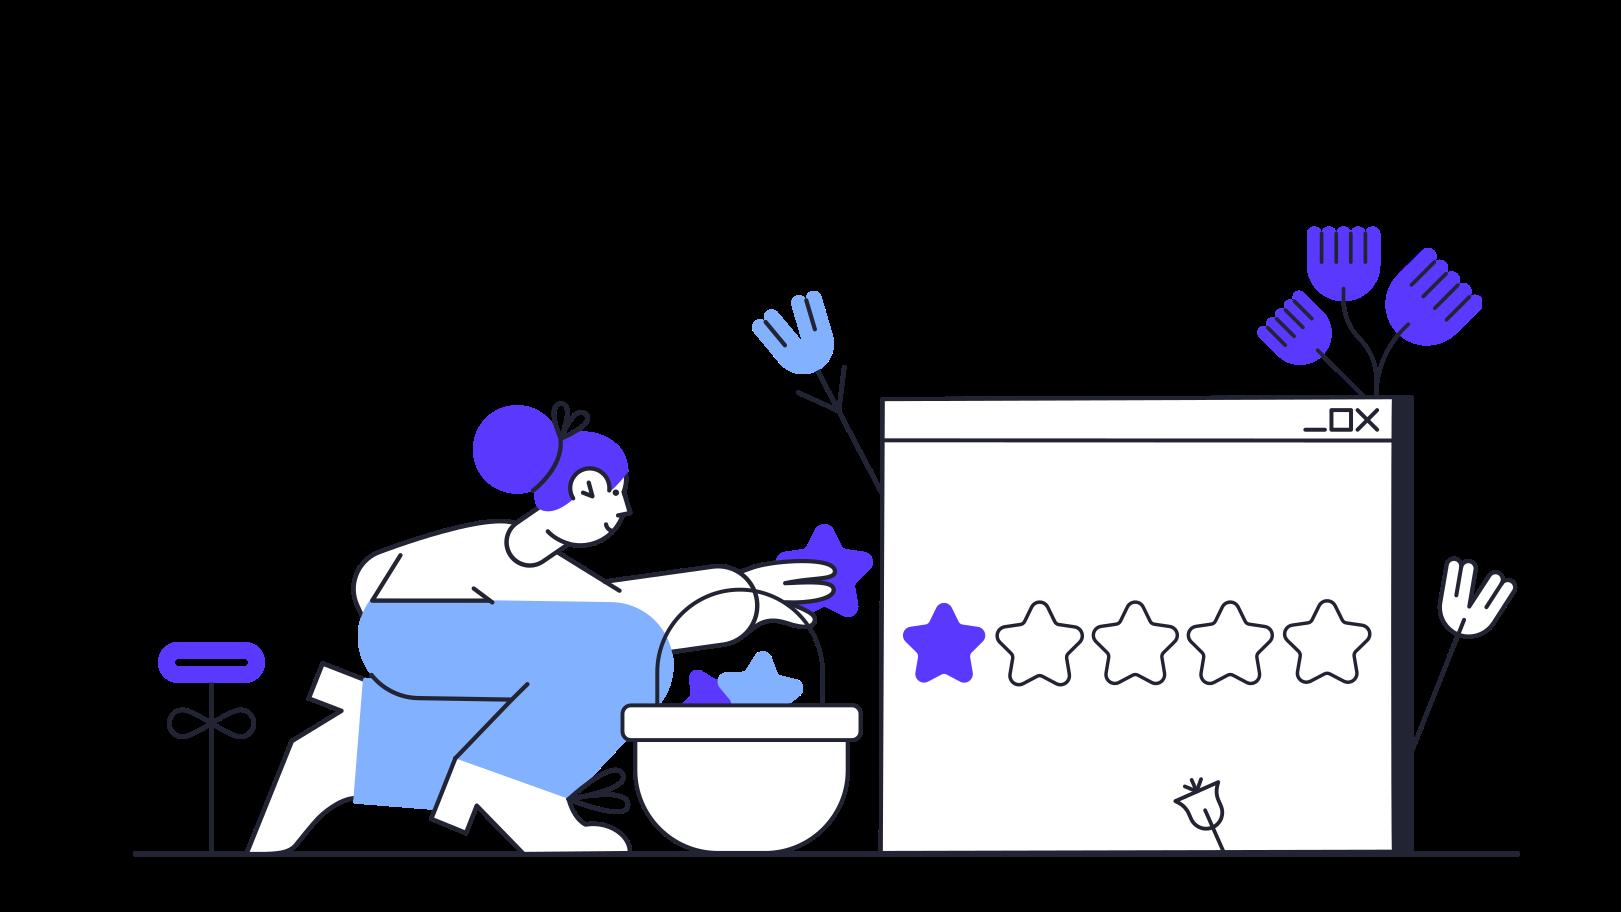 Imágenes vectoriales Revisión en PNG y SVG estilo  | Ilustraciones Icons8